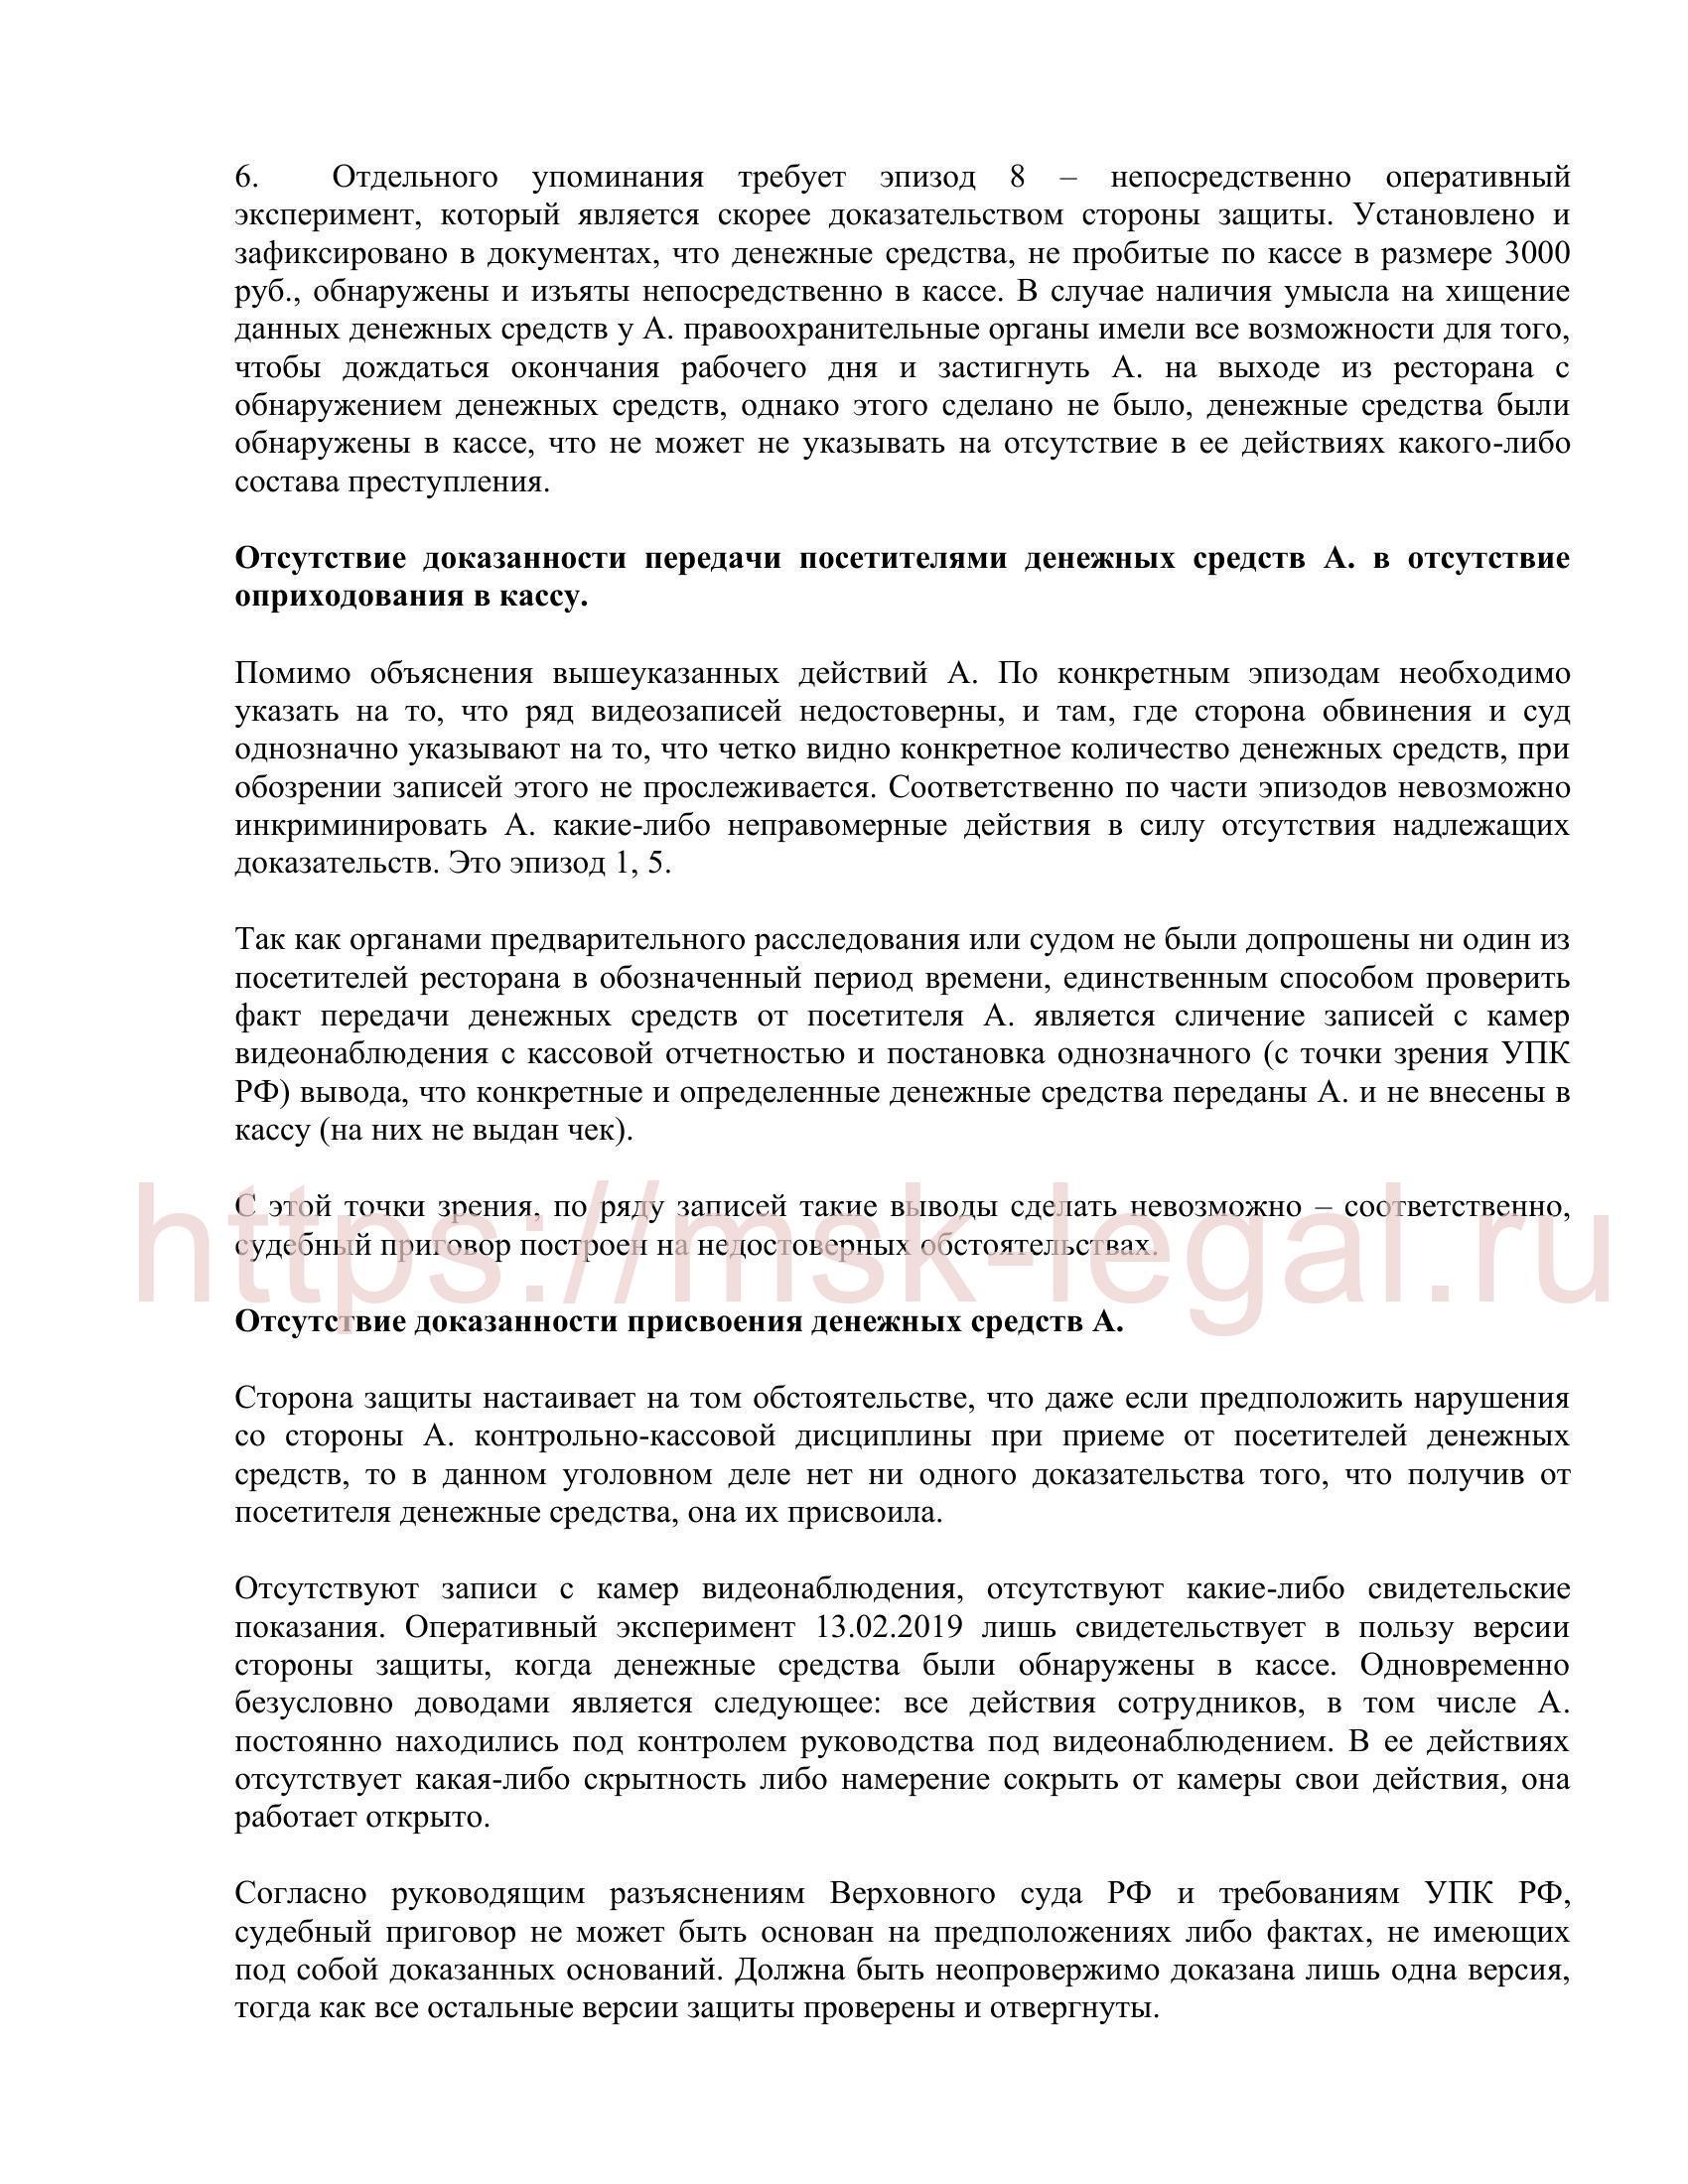 Пример апелляционной жалобы по ст. 160 УК РФ